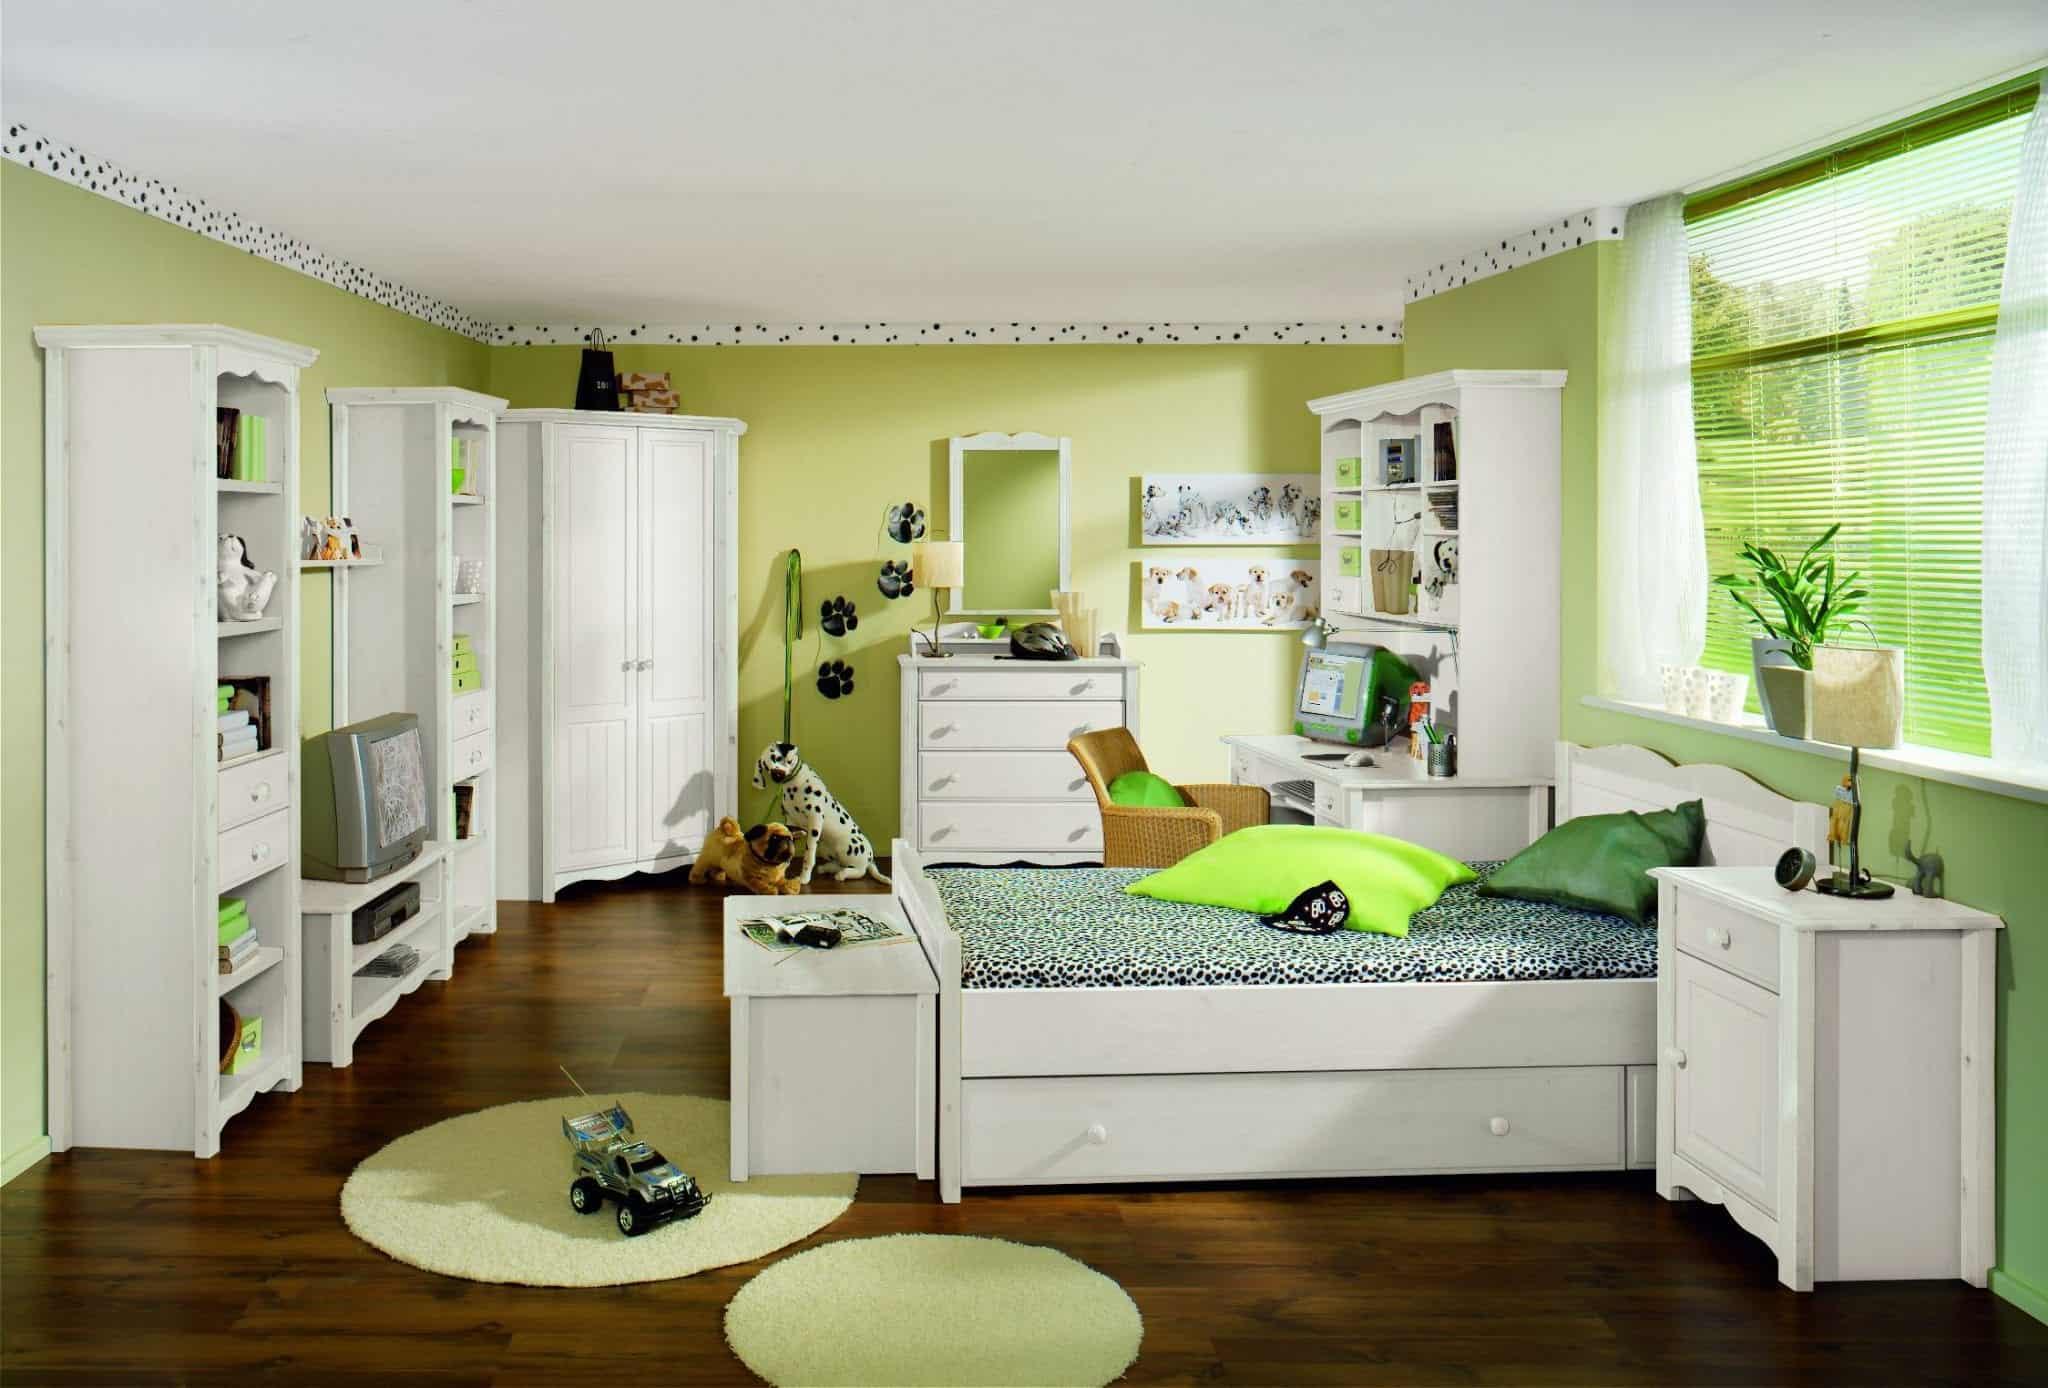 Sửa chữa nhà ở chung cư